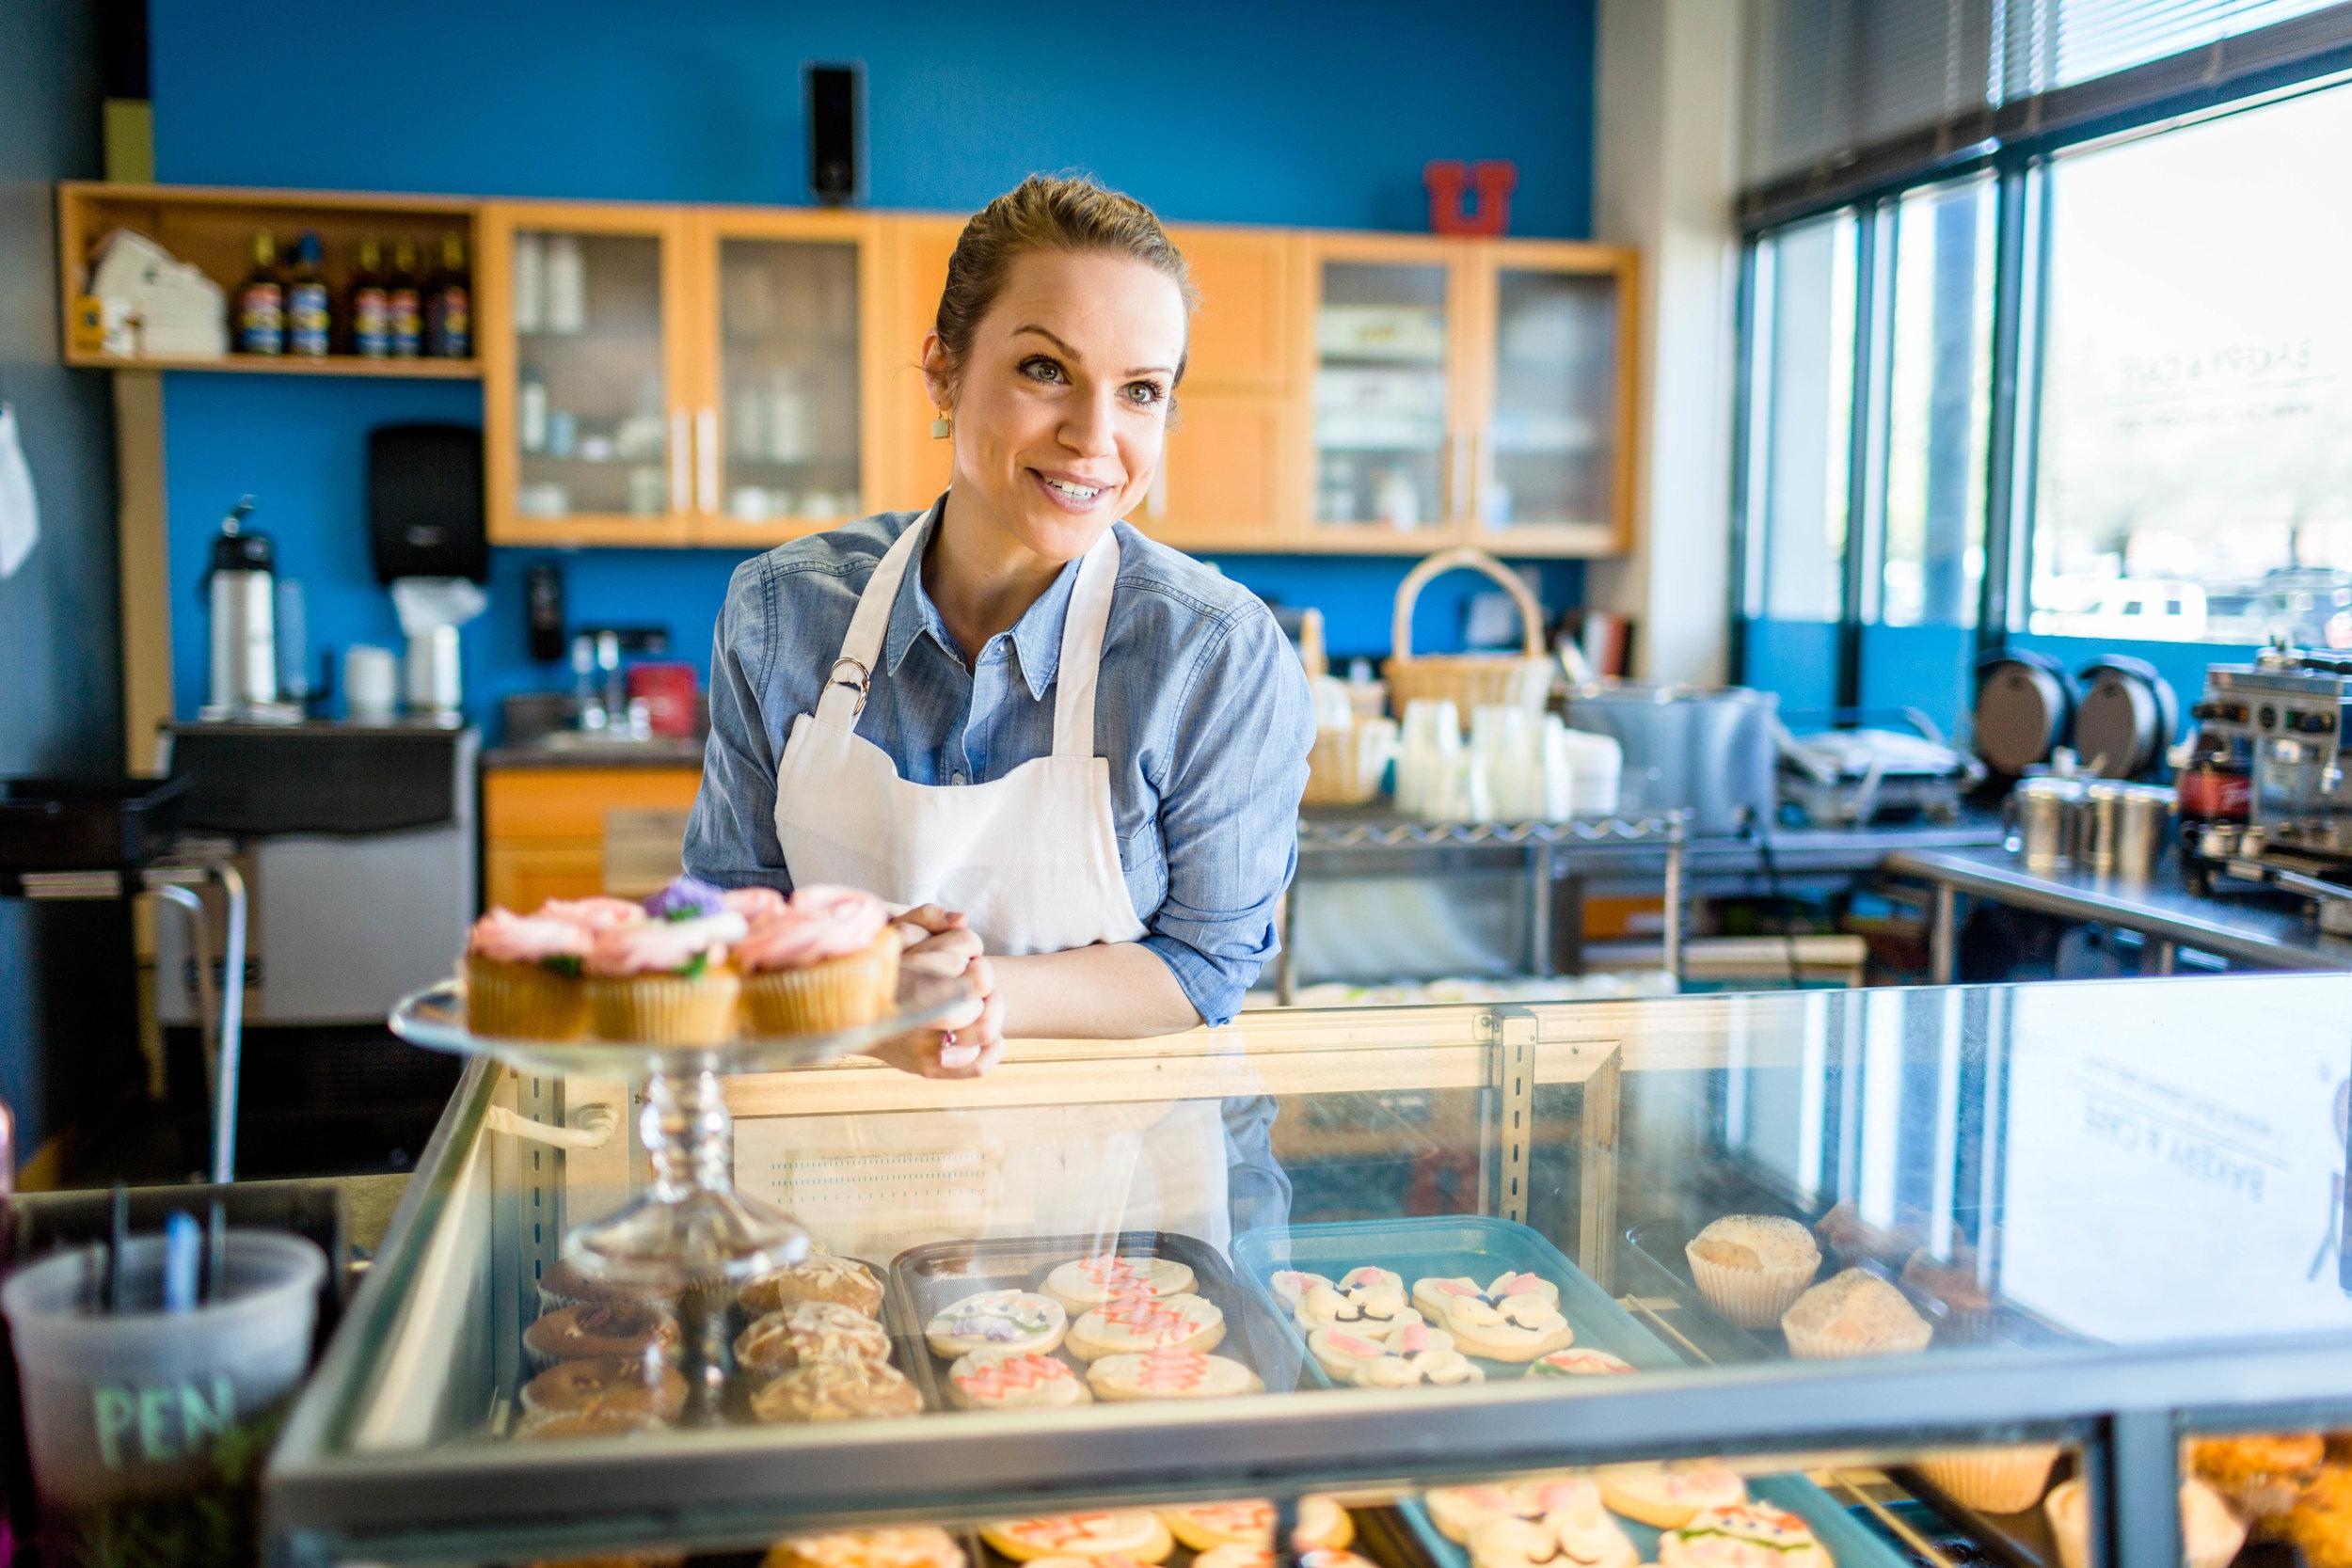 bakery---10470jpg_33842370802_o.jpg